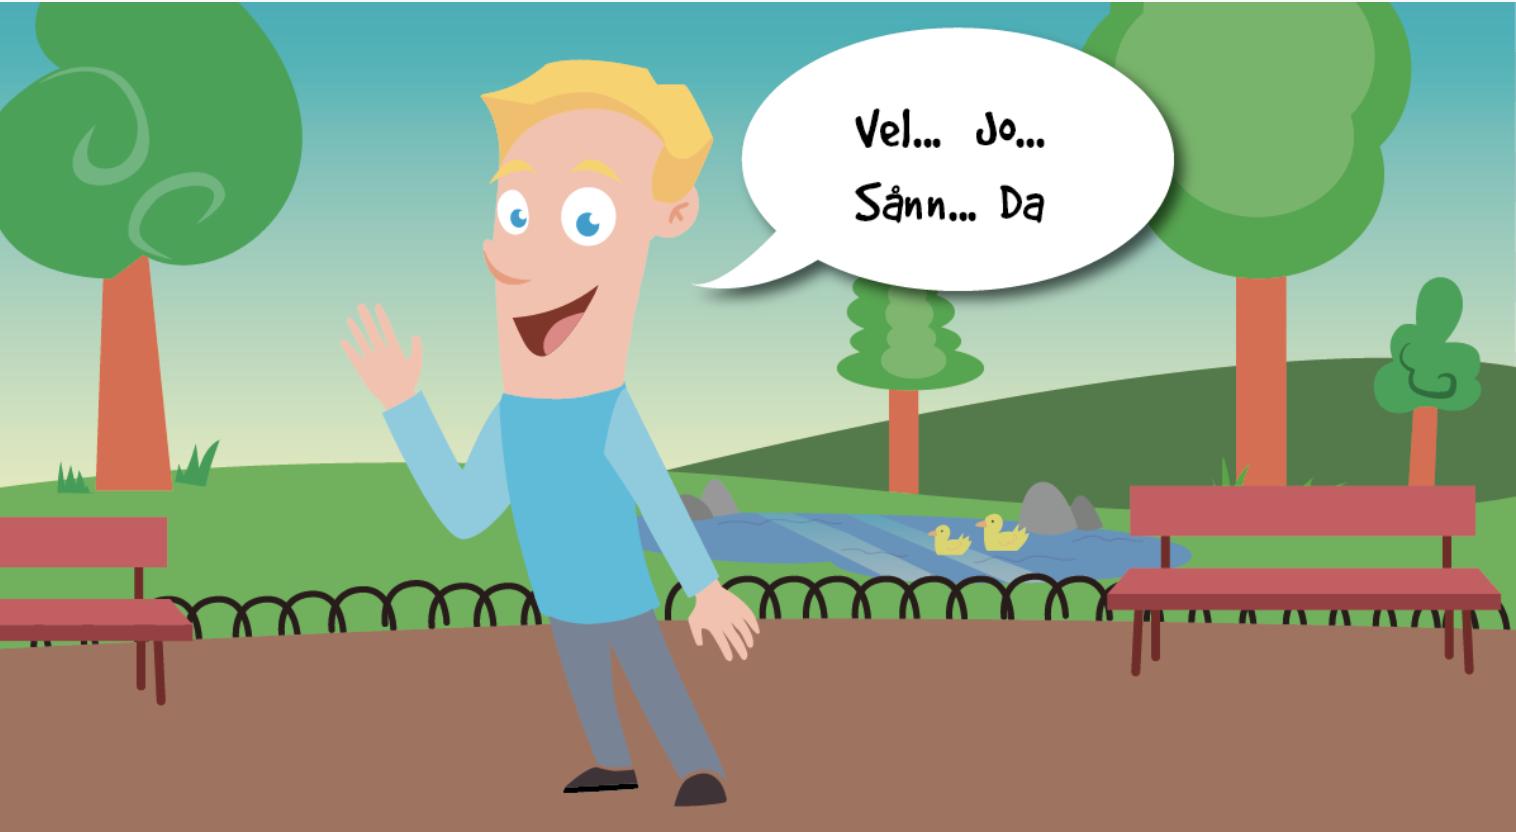 Så da så, ja vel ja, å nei da - - Små ord på norsk